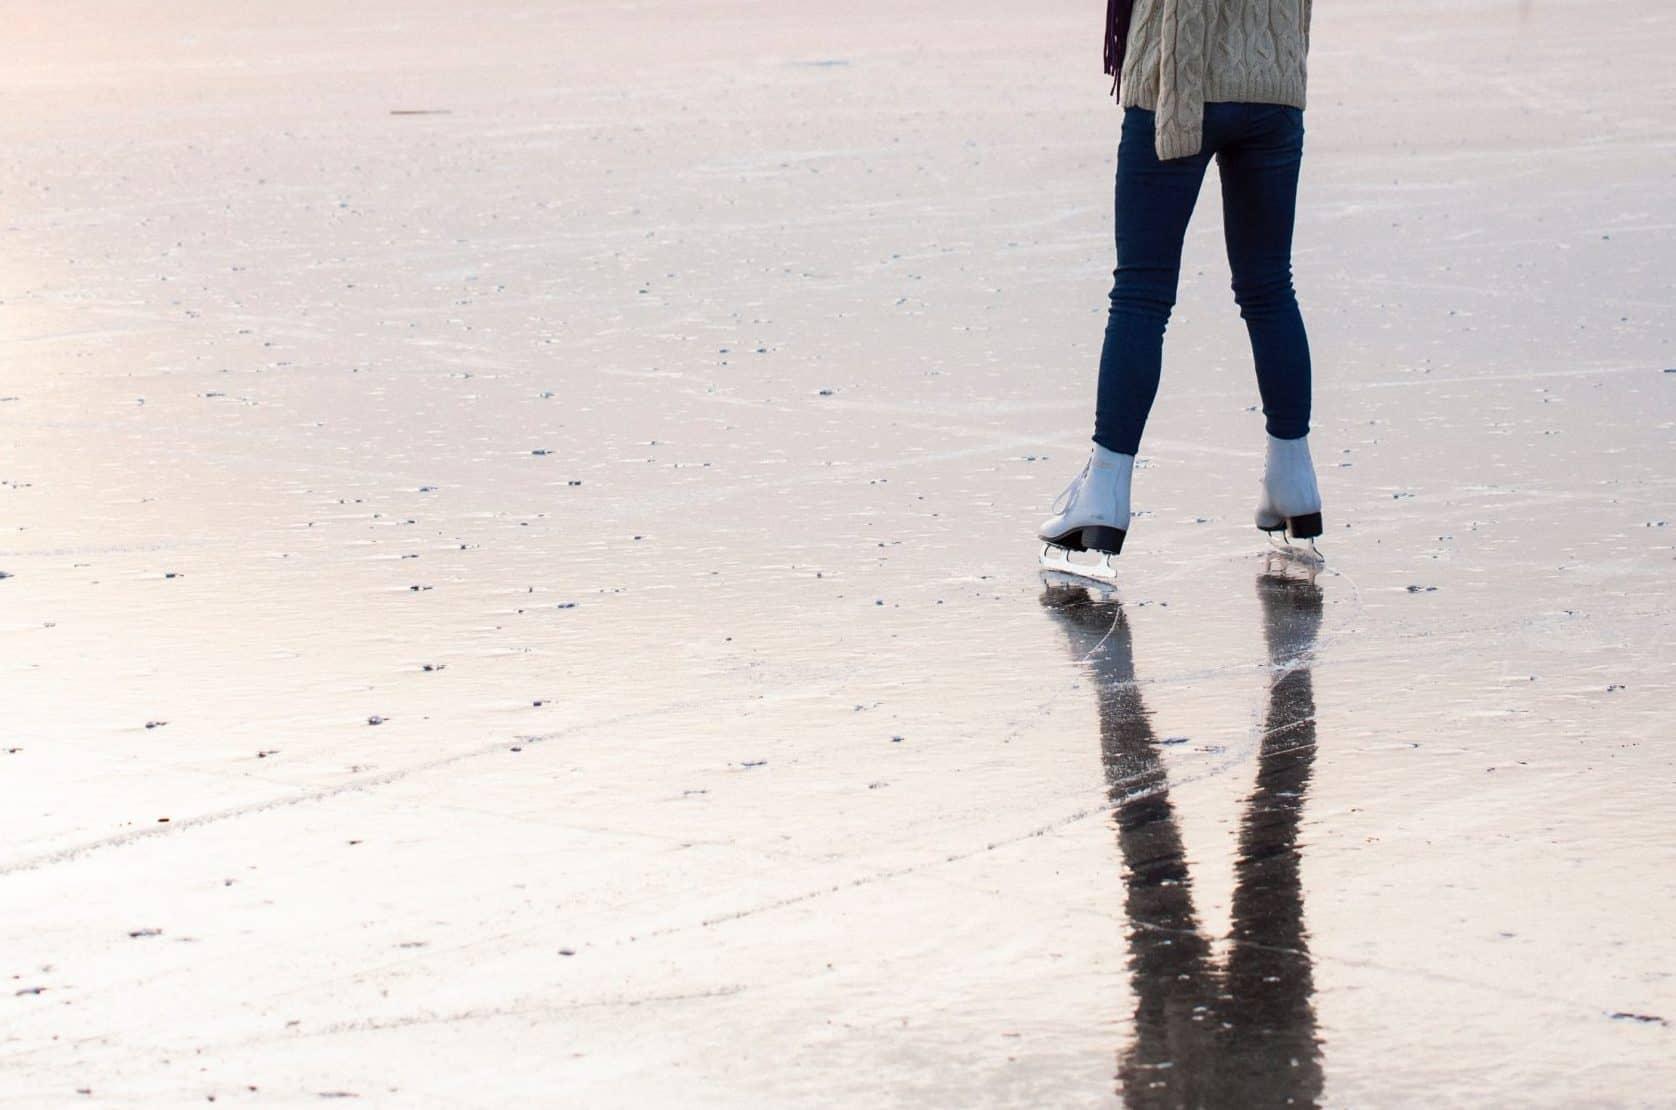 Eine Person auf Schlittschuhen auf einem zugefrorenen See.